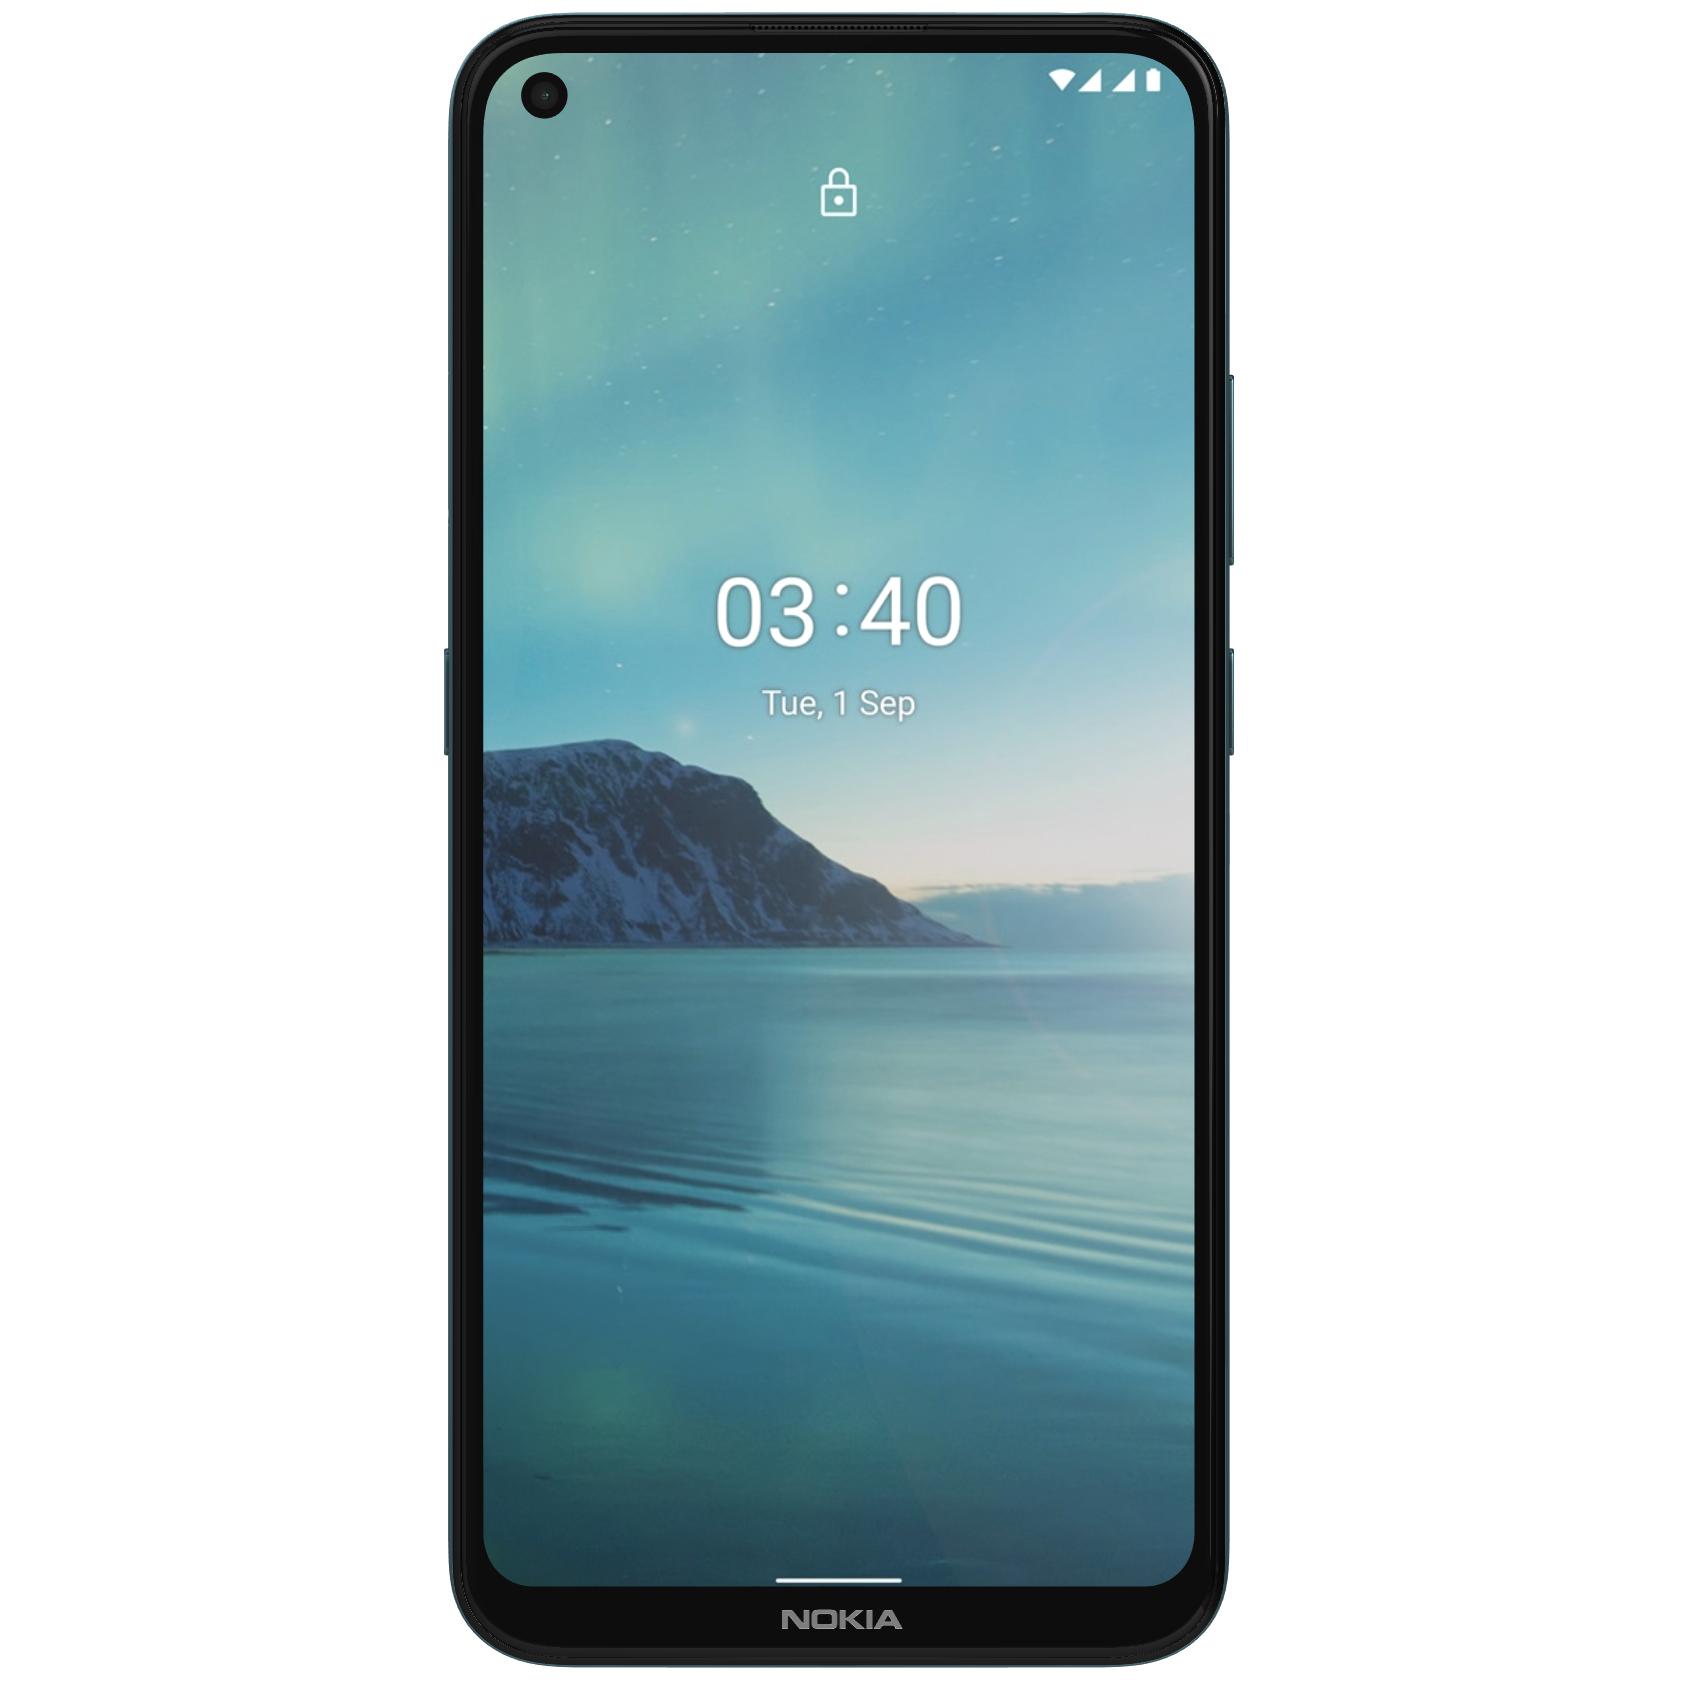 مشخصات، قیمت و خرید گوشی موبایل نوکیا مدل 3.4 دو سیم کارت ظرفیت 64 گیگابایت  و رم 3 گیگابایت | دیجیکالا